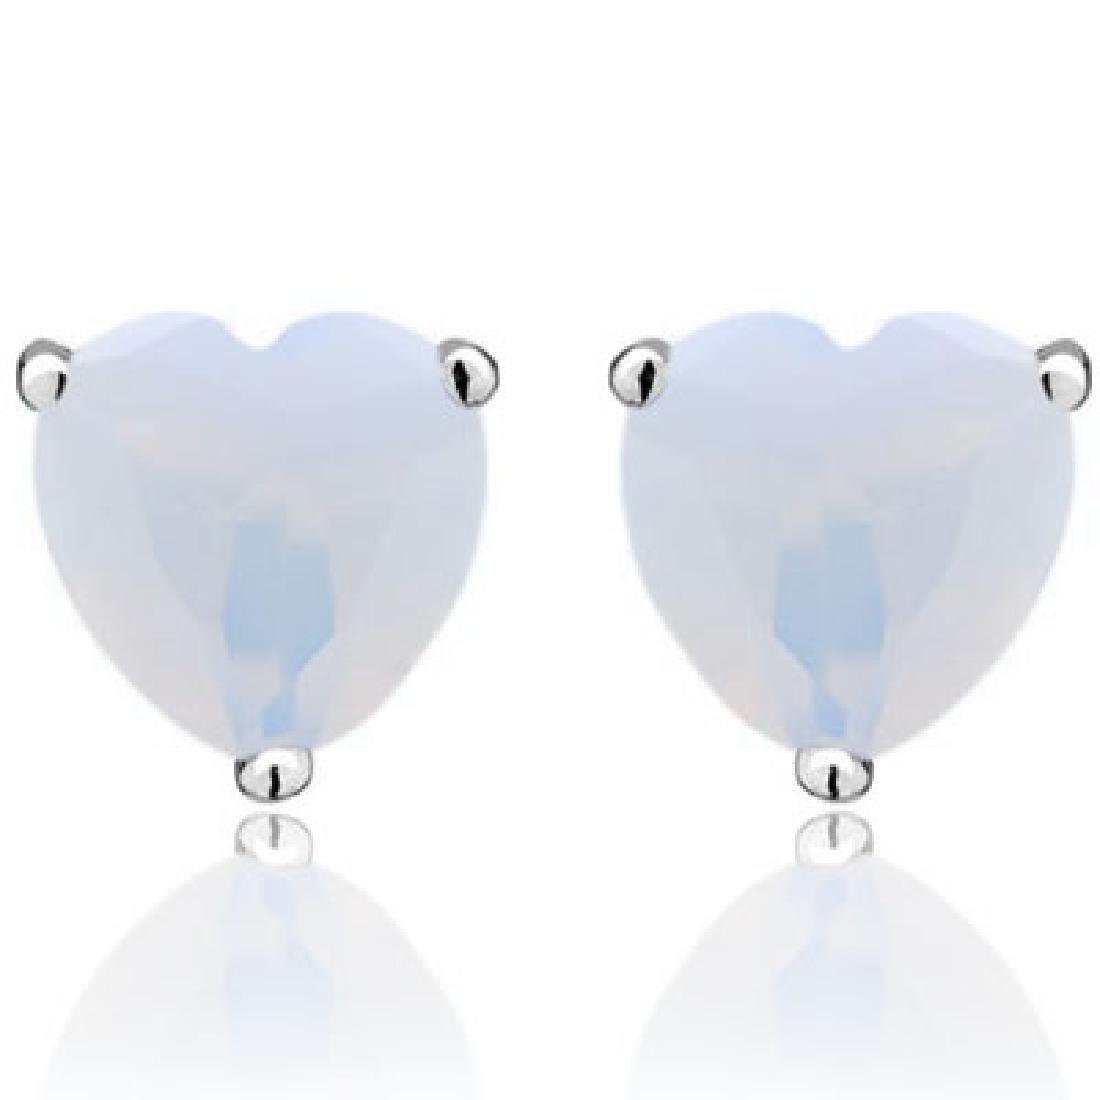 ELEGANT 1CT FIRE OPAL HEART CUT EARRINGS